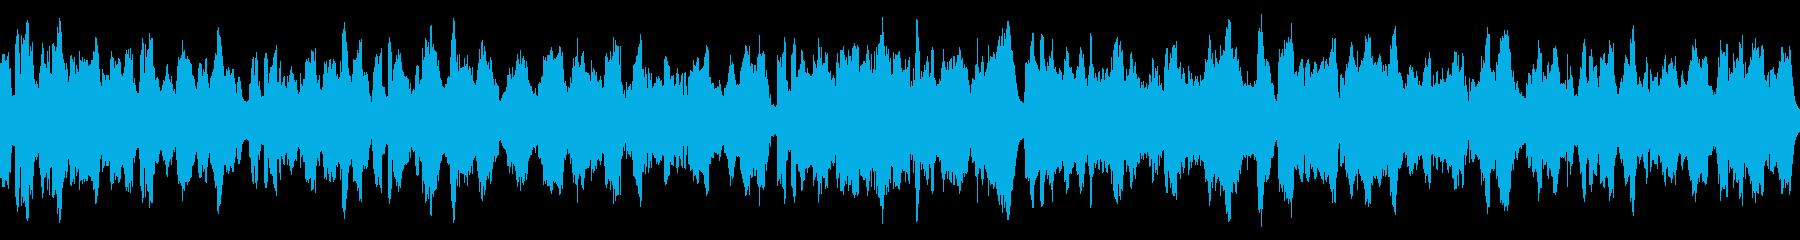 ファンタジー系の村癒やし曲の再生済みの波形